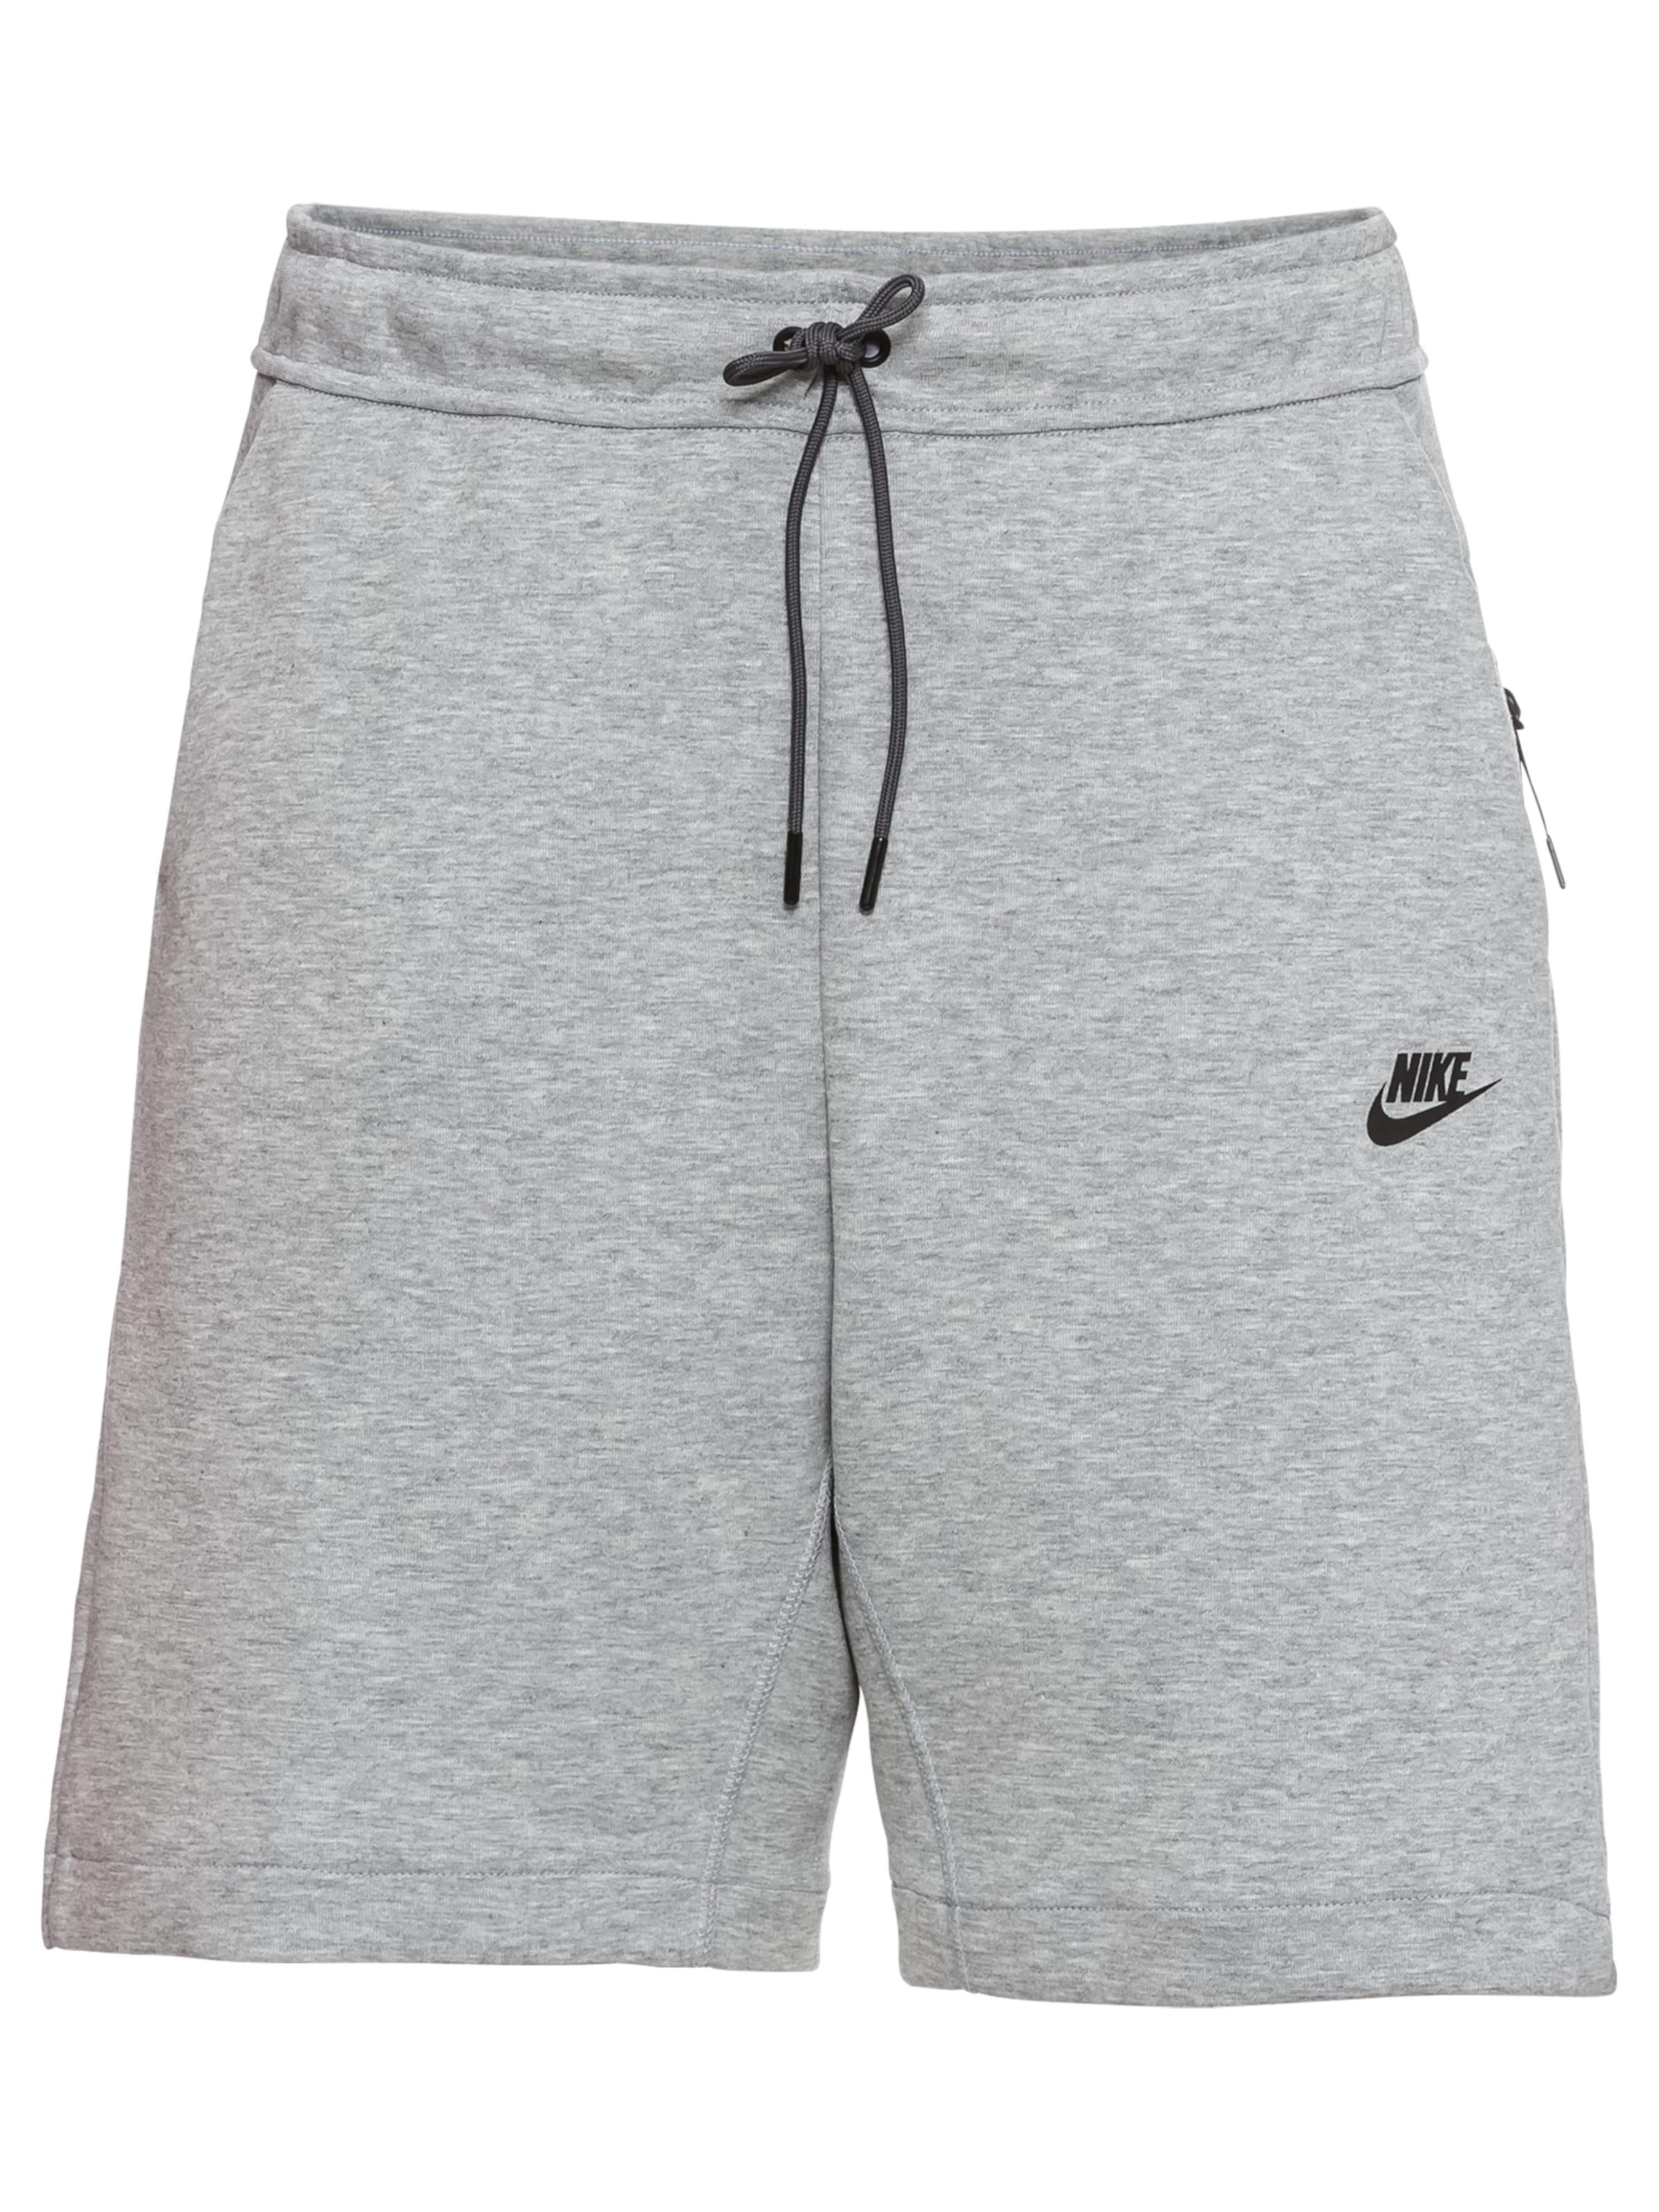 Shorts Dunkelgrau Sportswear Nsw Flc 'm Nike Tch Short' In 8ON0wPkXn